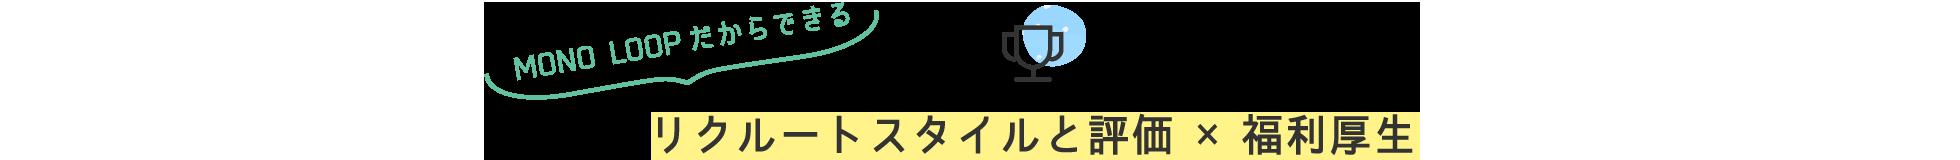 MONO LOOP(モノ・ループ)だからできるリクルートスタイルと評価×福利厚生